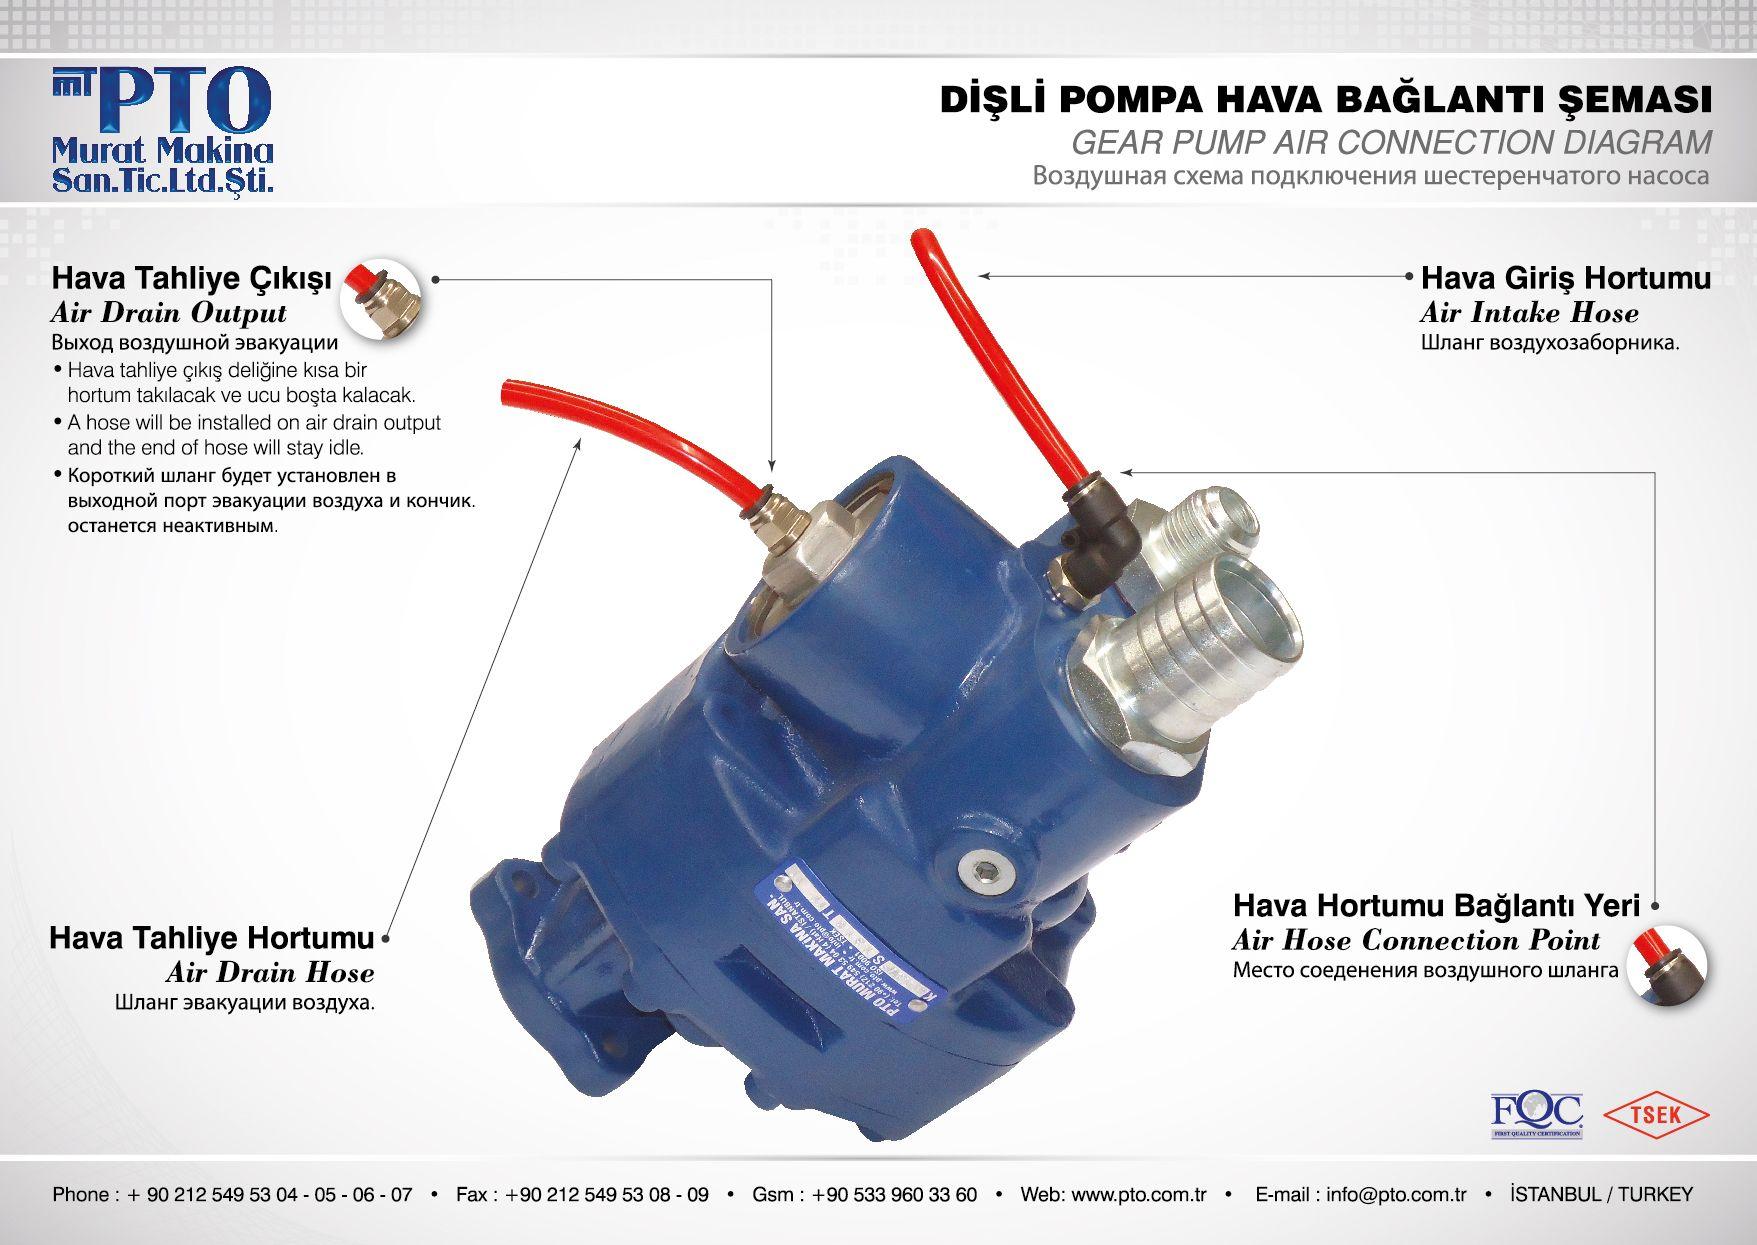 Gear Pump Air Wiring Diagram